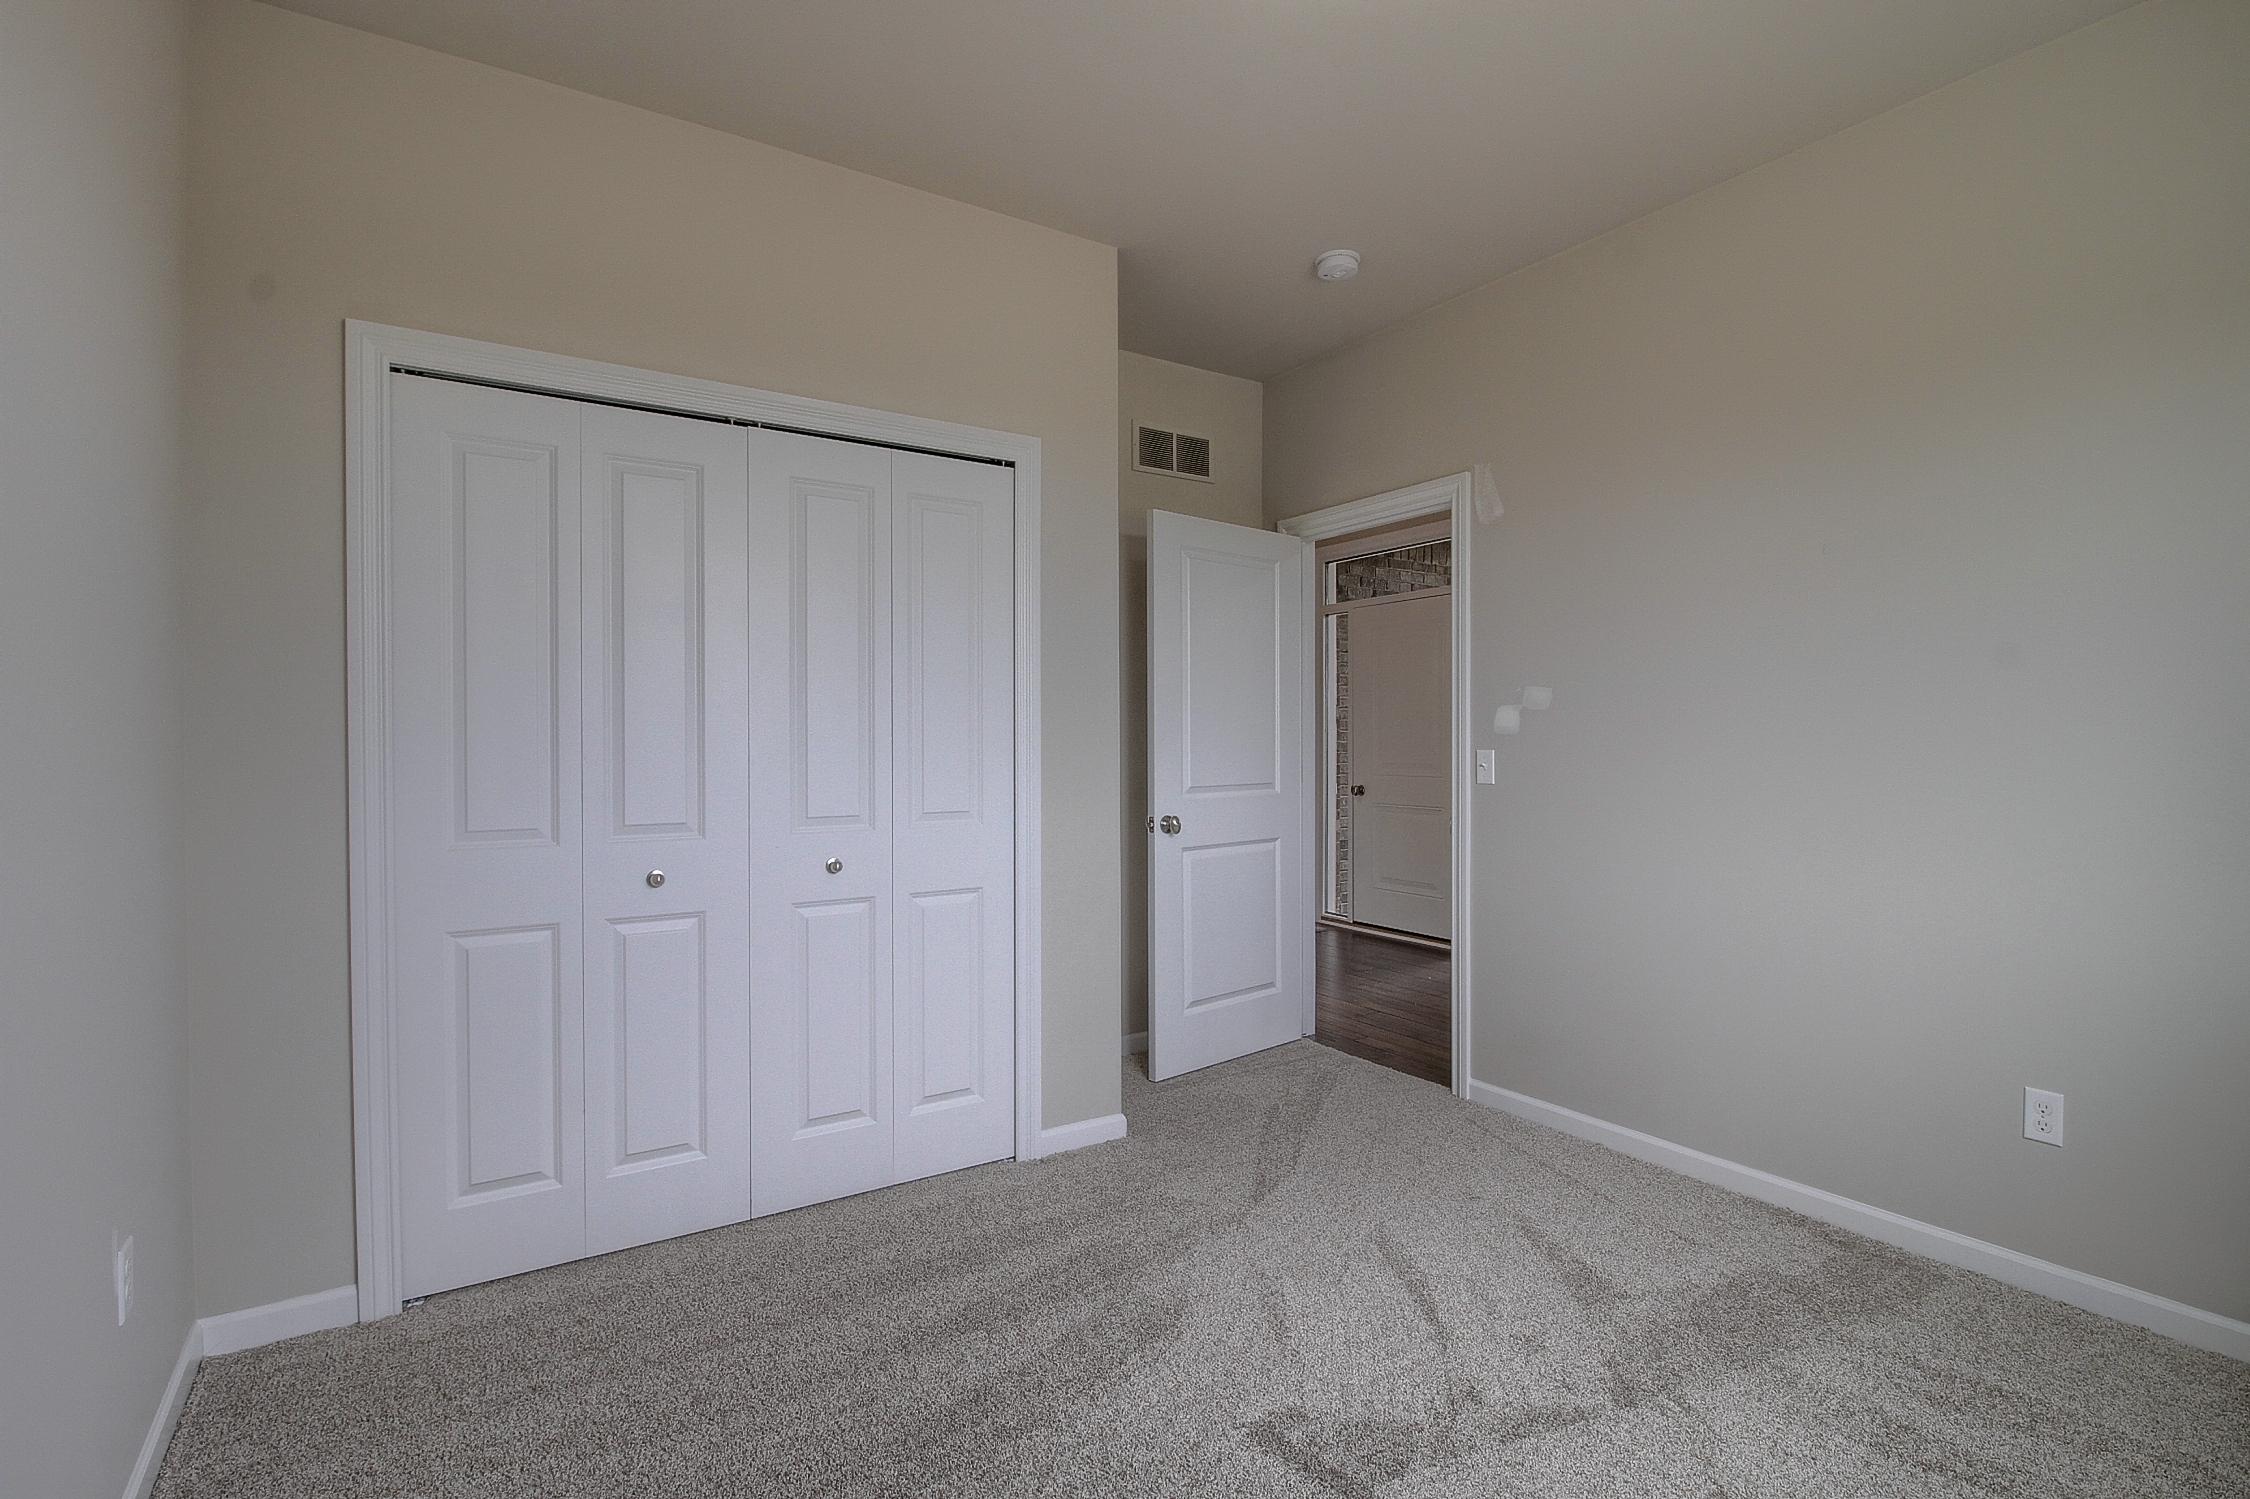 21-2nd Bedroom 2nd View.jpg